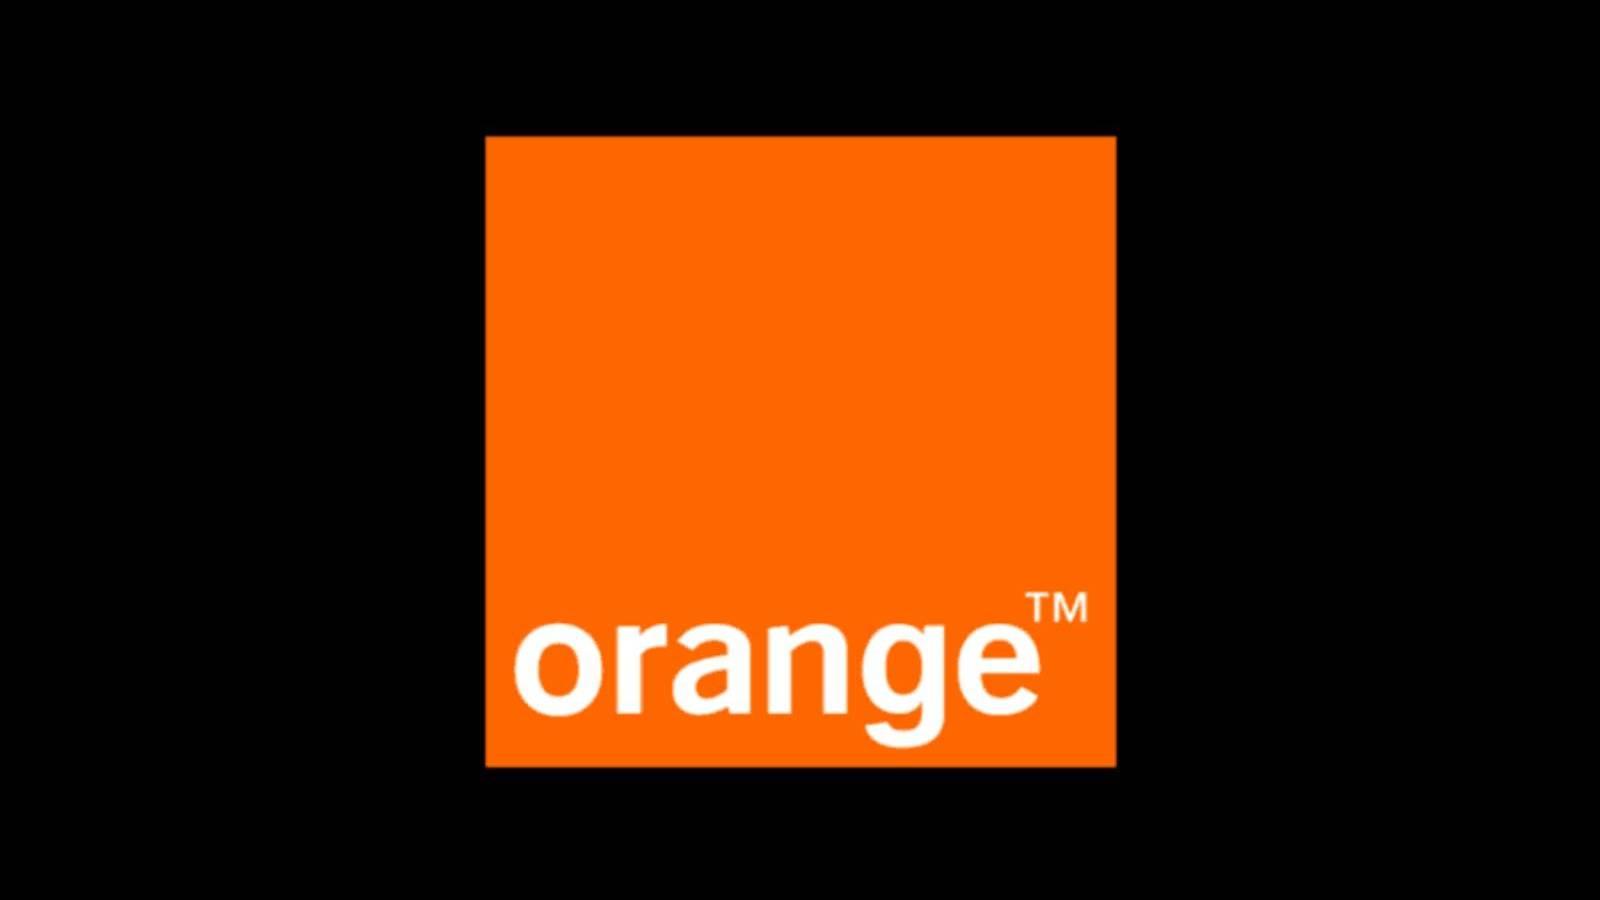 Orange fundal